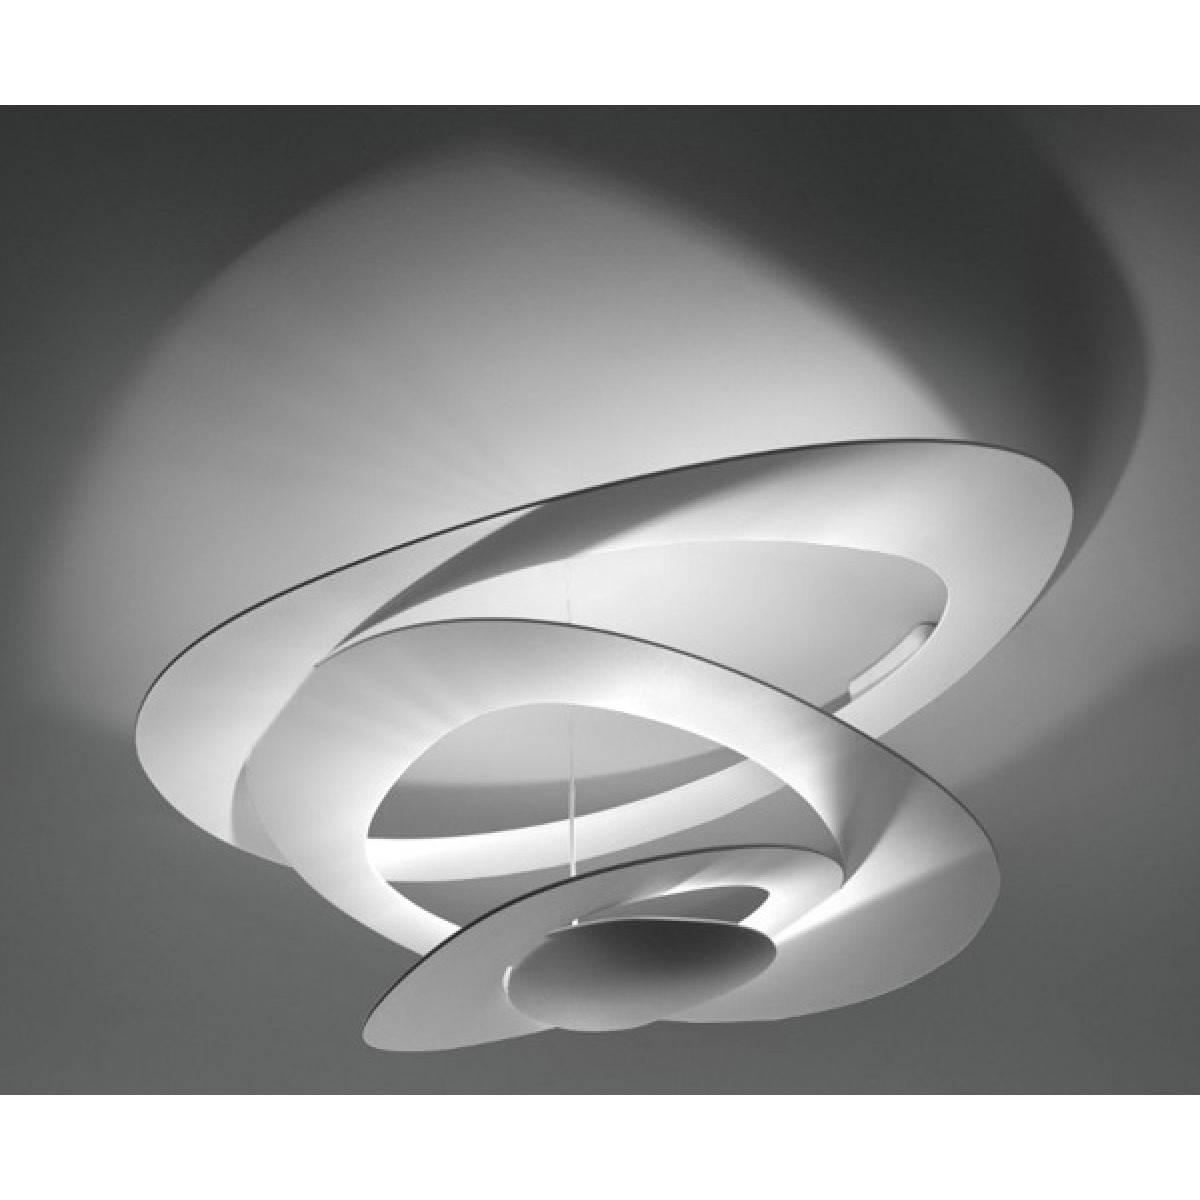 Parete divisoria di cartongesso for Illuminazione led a soffitto